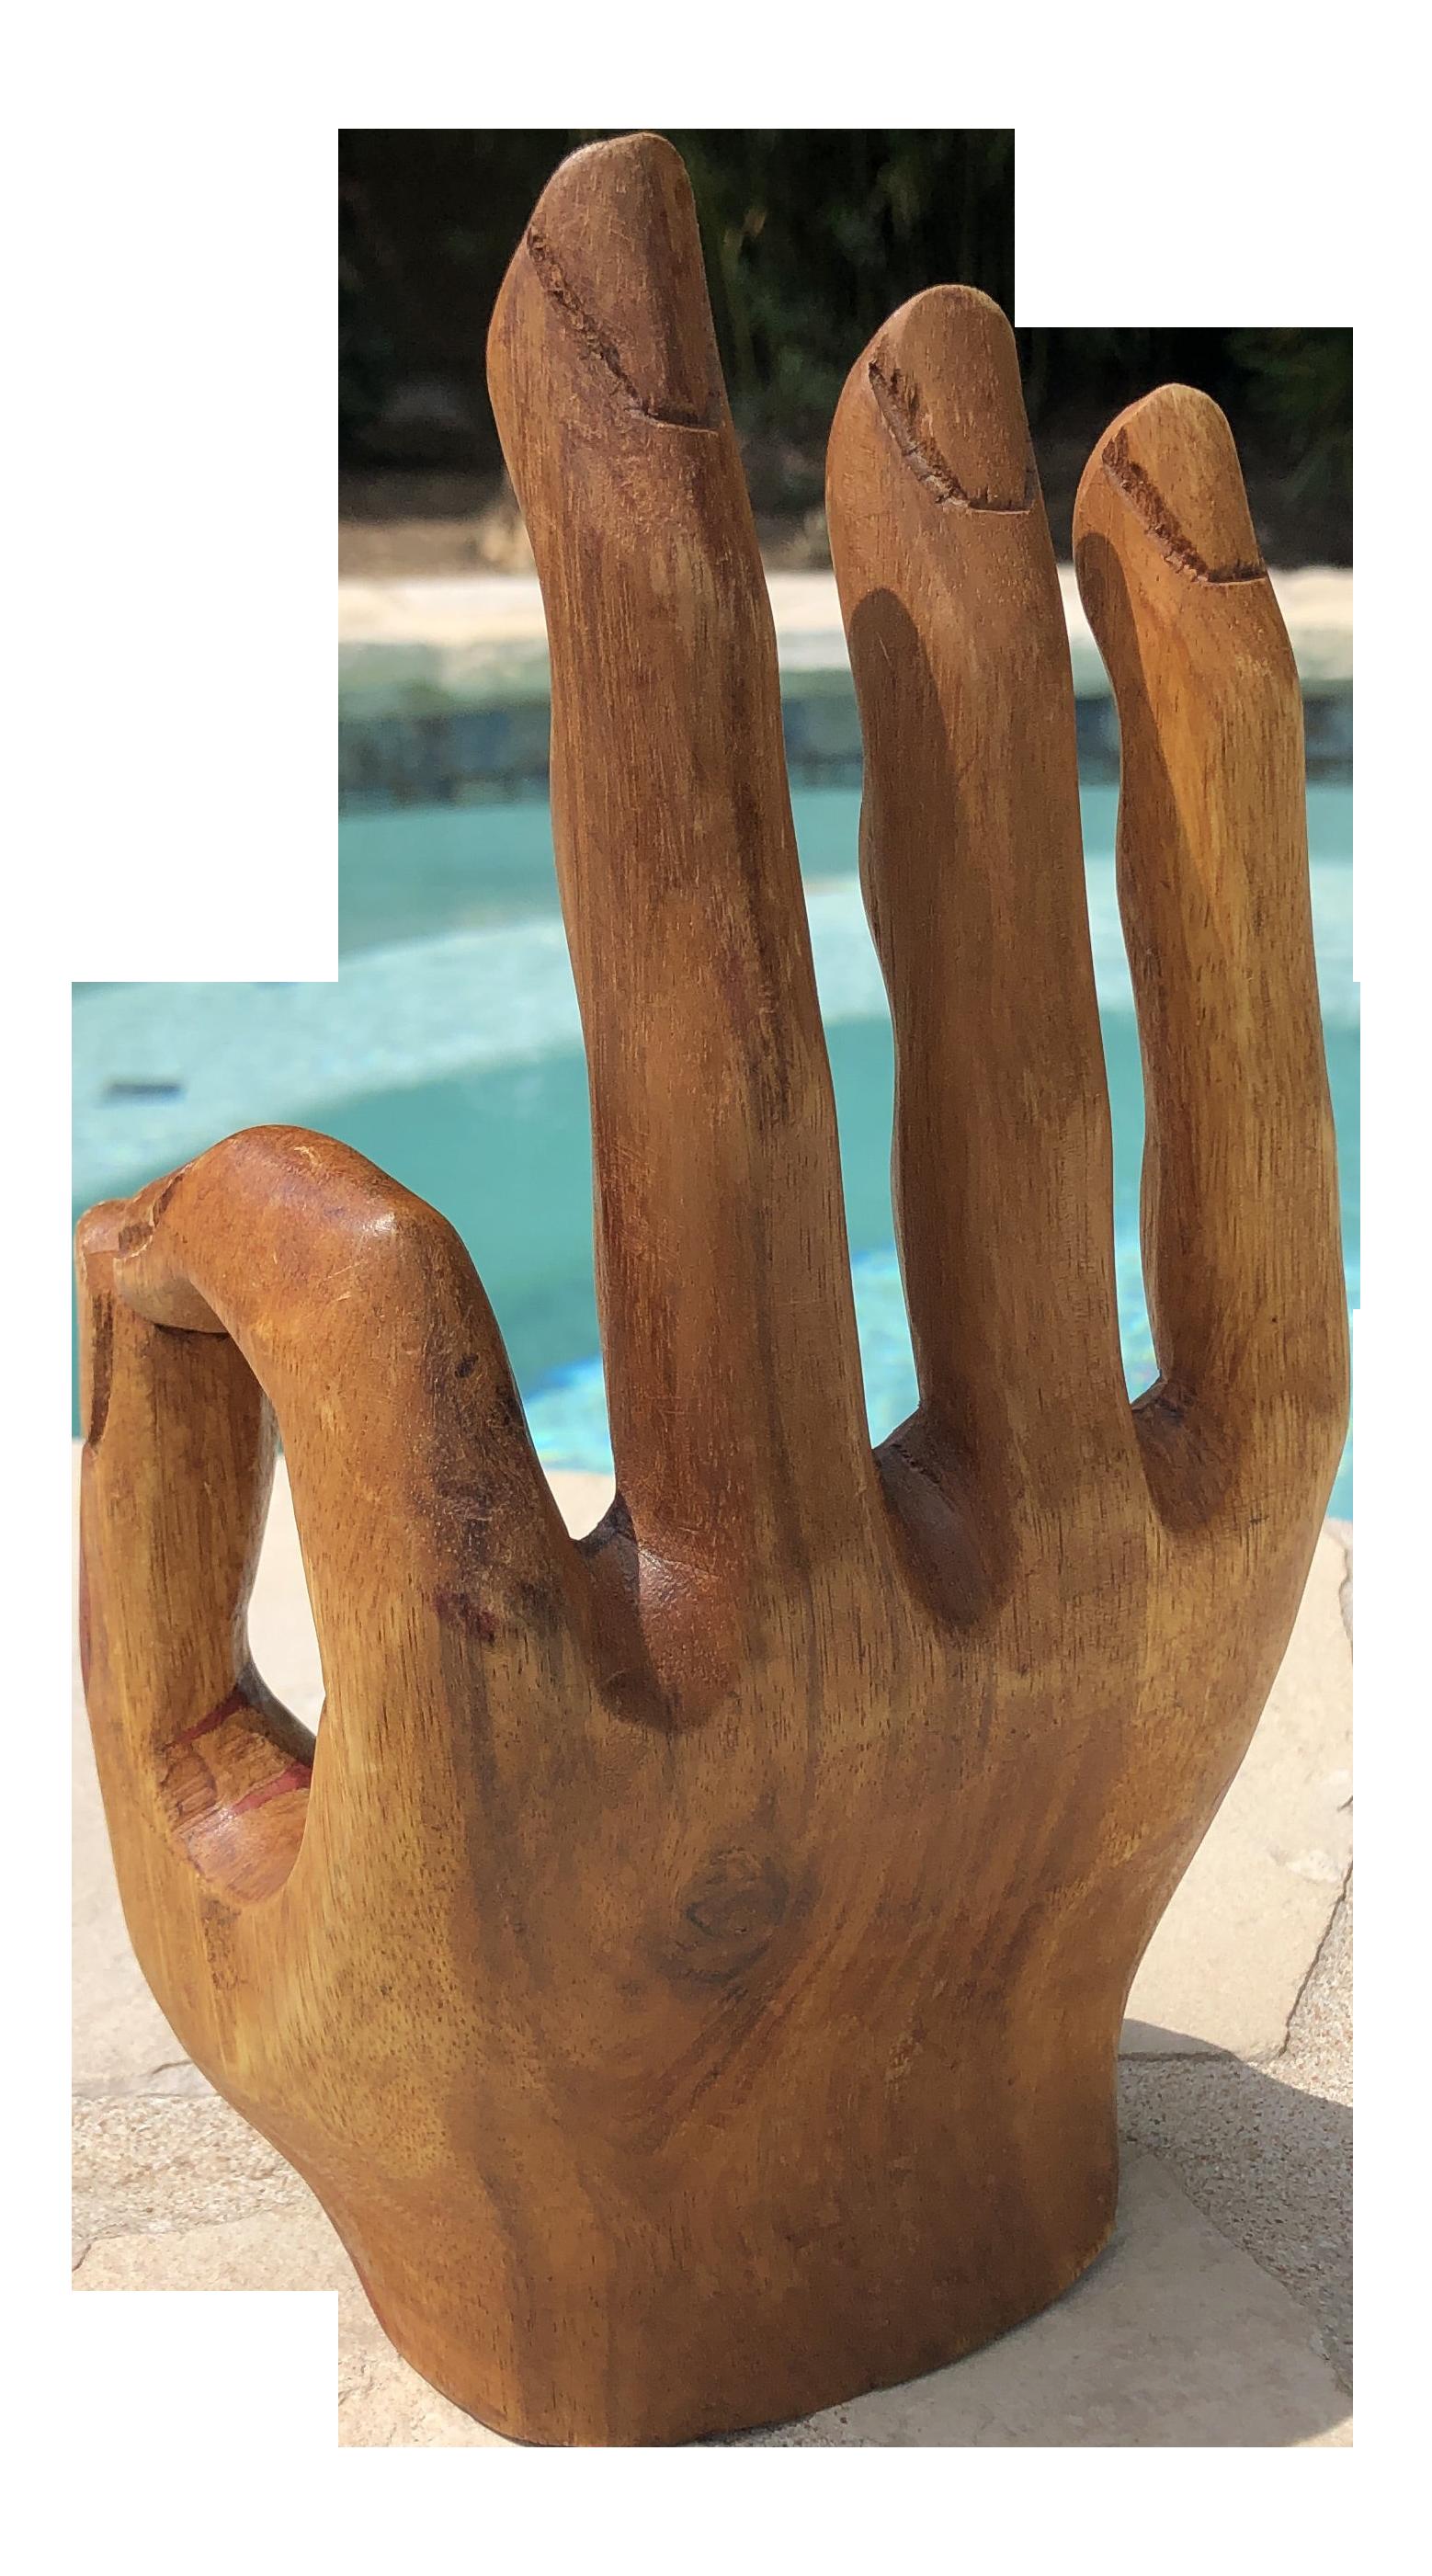 Wooden bear sculpture hand carved wooden bear sculpture wooden